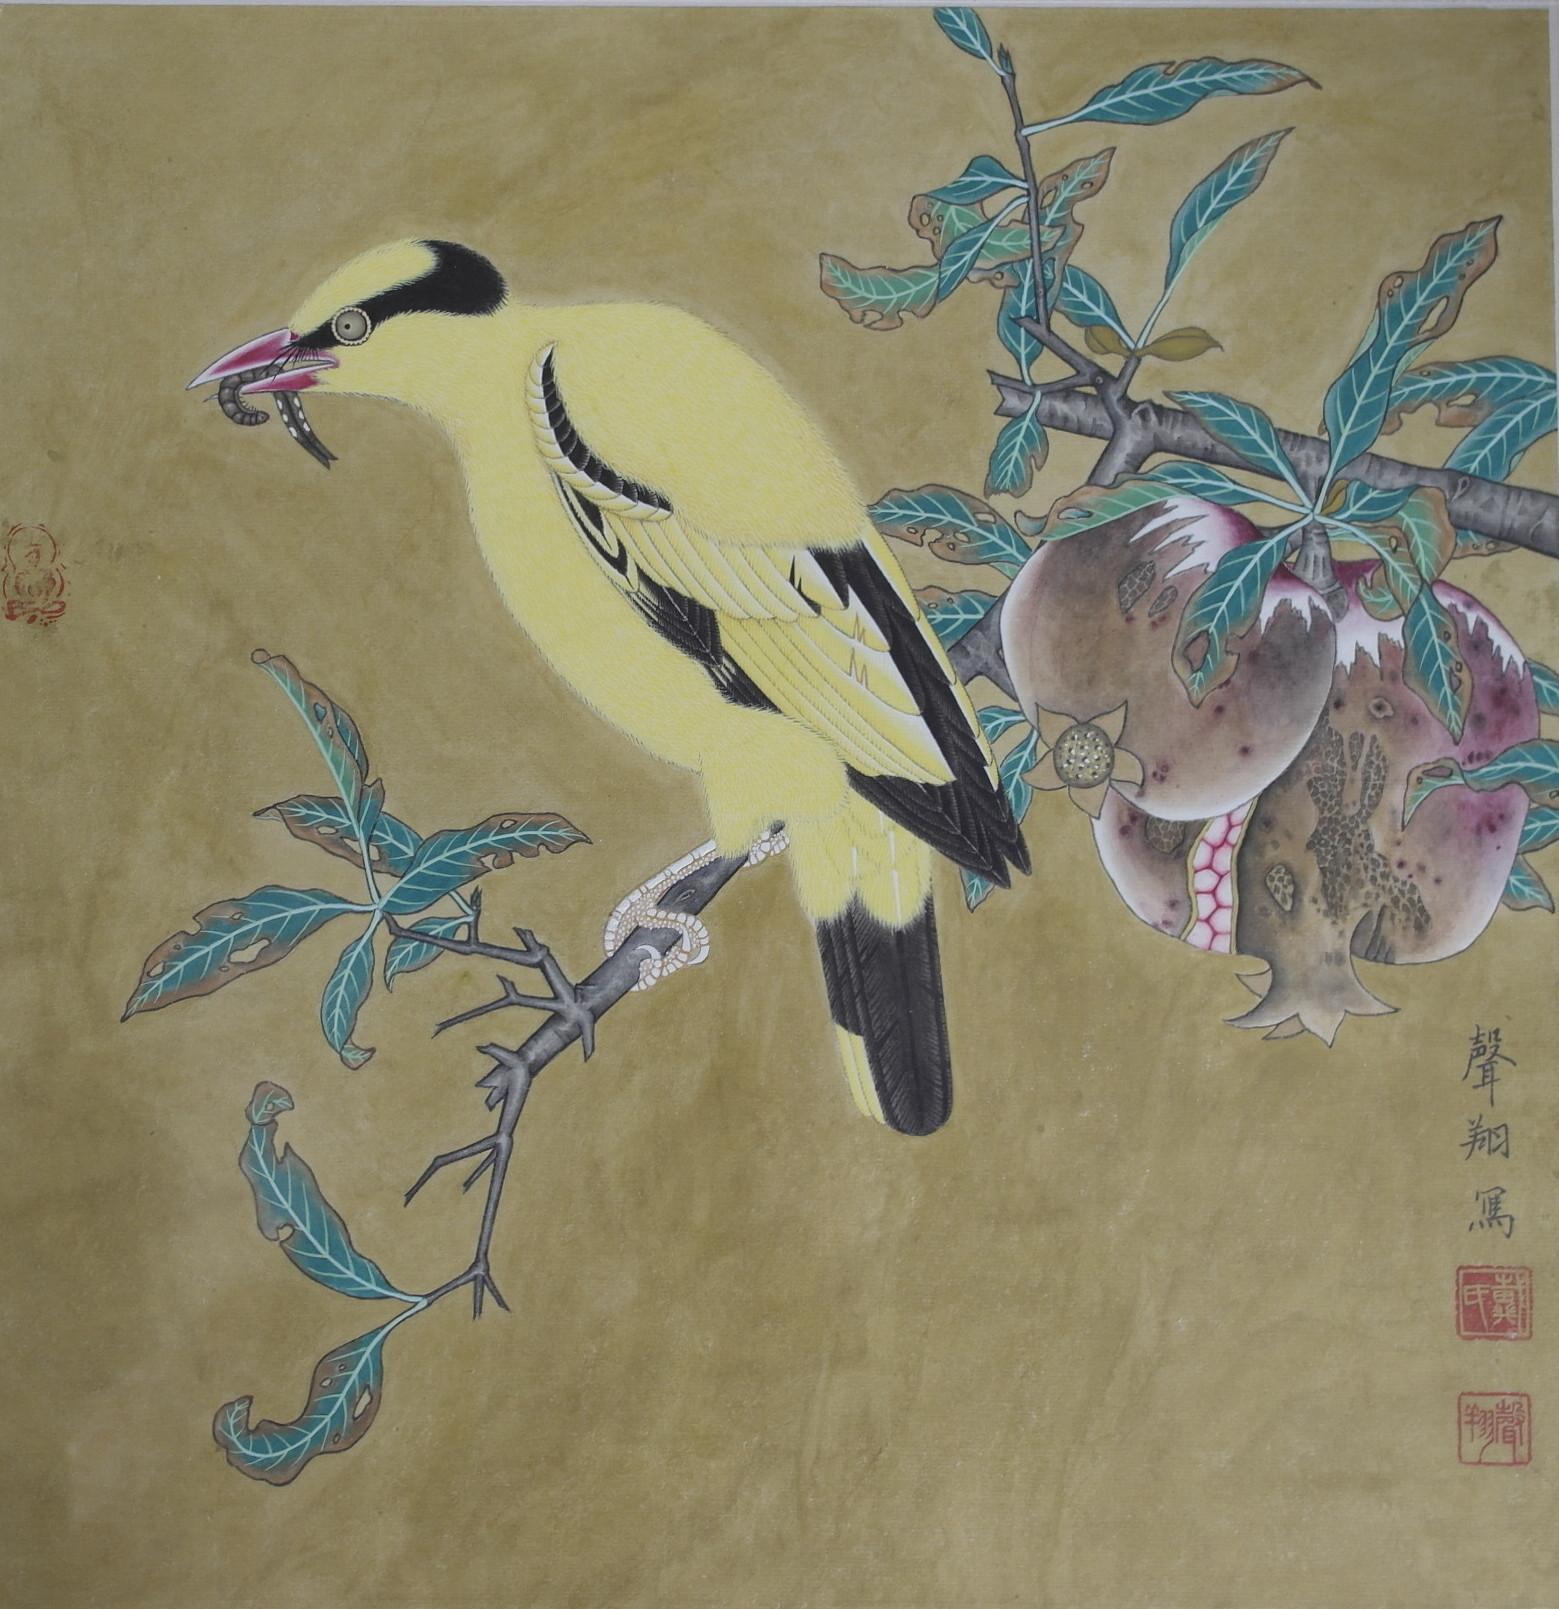 临宋人《榴枝黄鸟图》